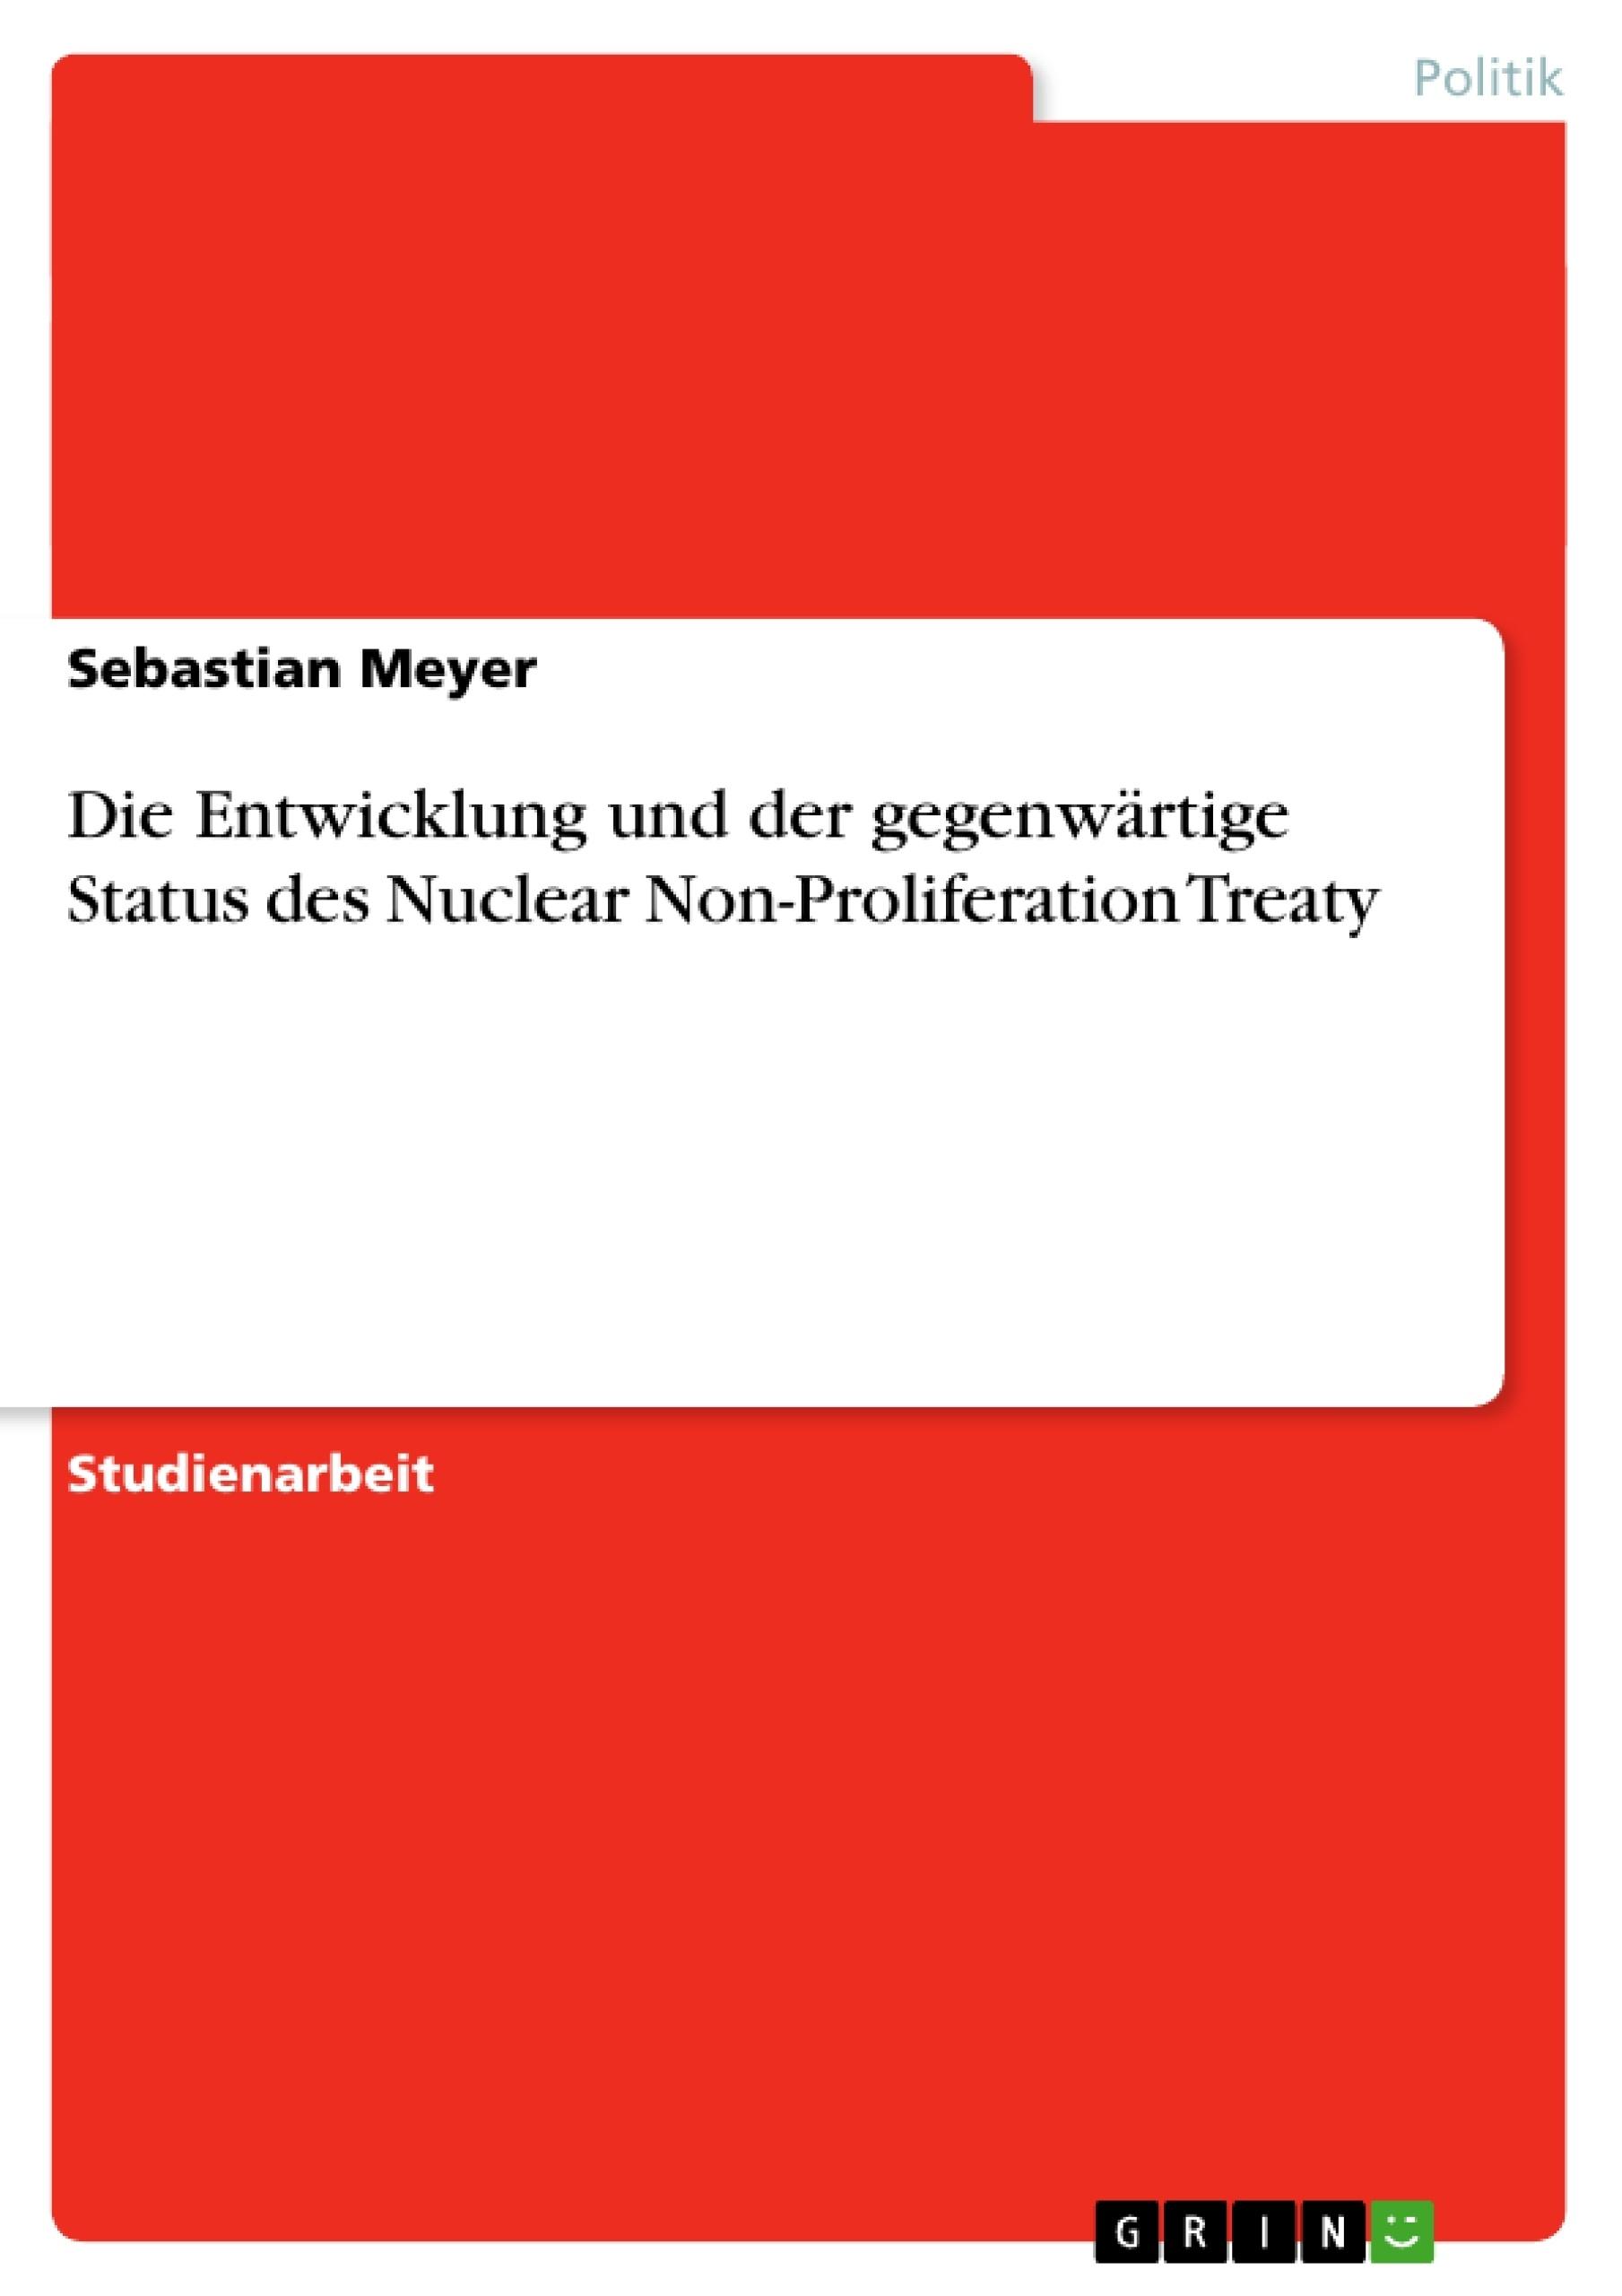 Titel: Die Entwicklung und der gegenwärtige Status des Nuclear Non-Proliferation Treaty